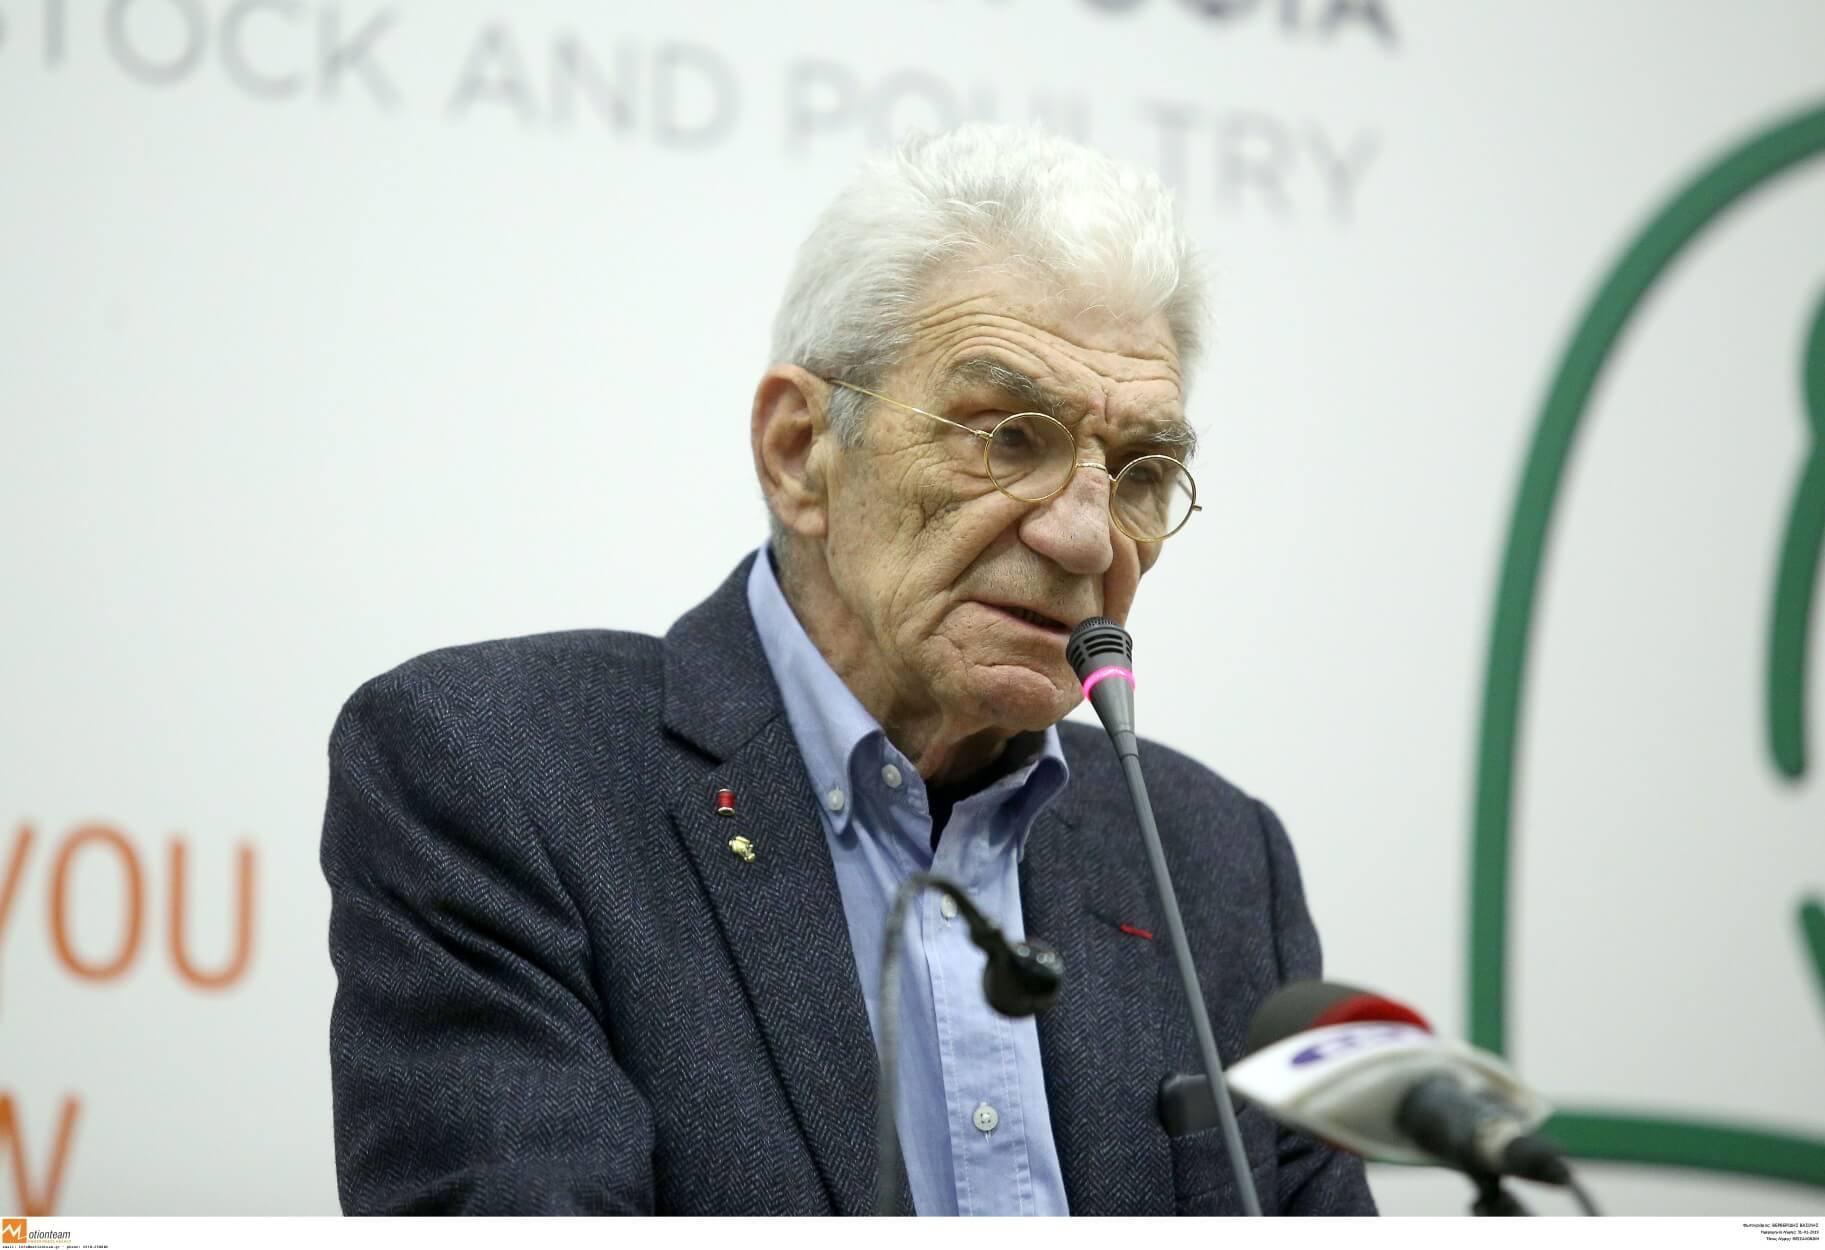 Γιάννης Μπουτάρης για φασιστικές επιθέσεις: Φοβάμαι μην επεκταθούν και στην υπόλοιπη Θεσσαλονίκη